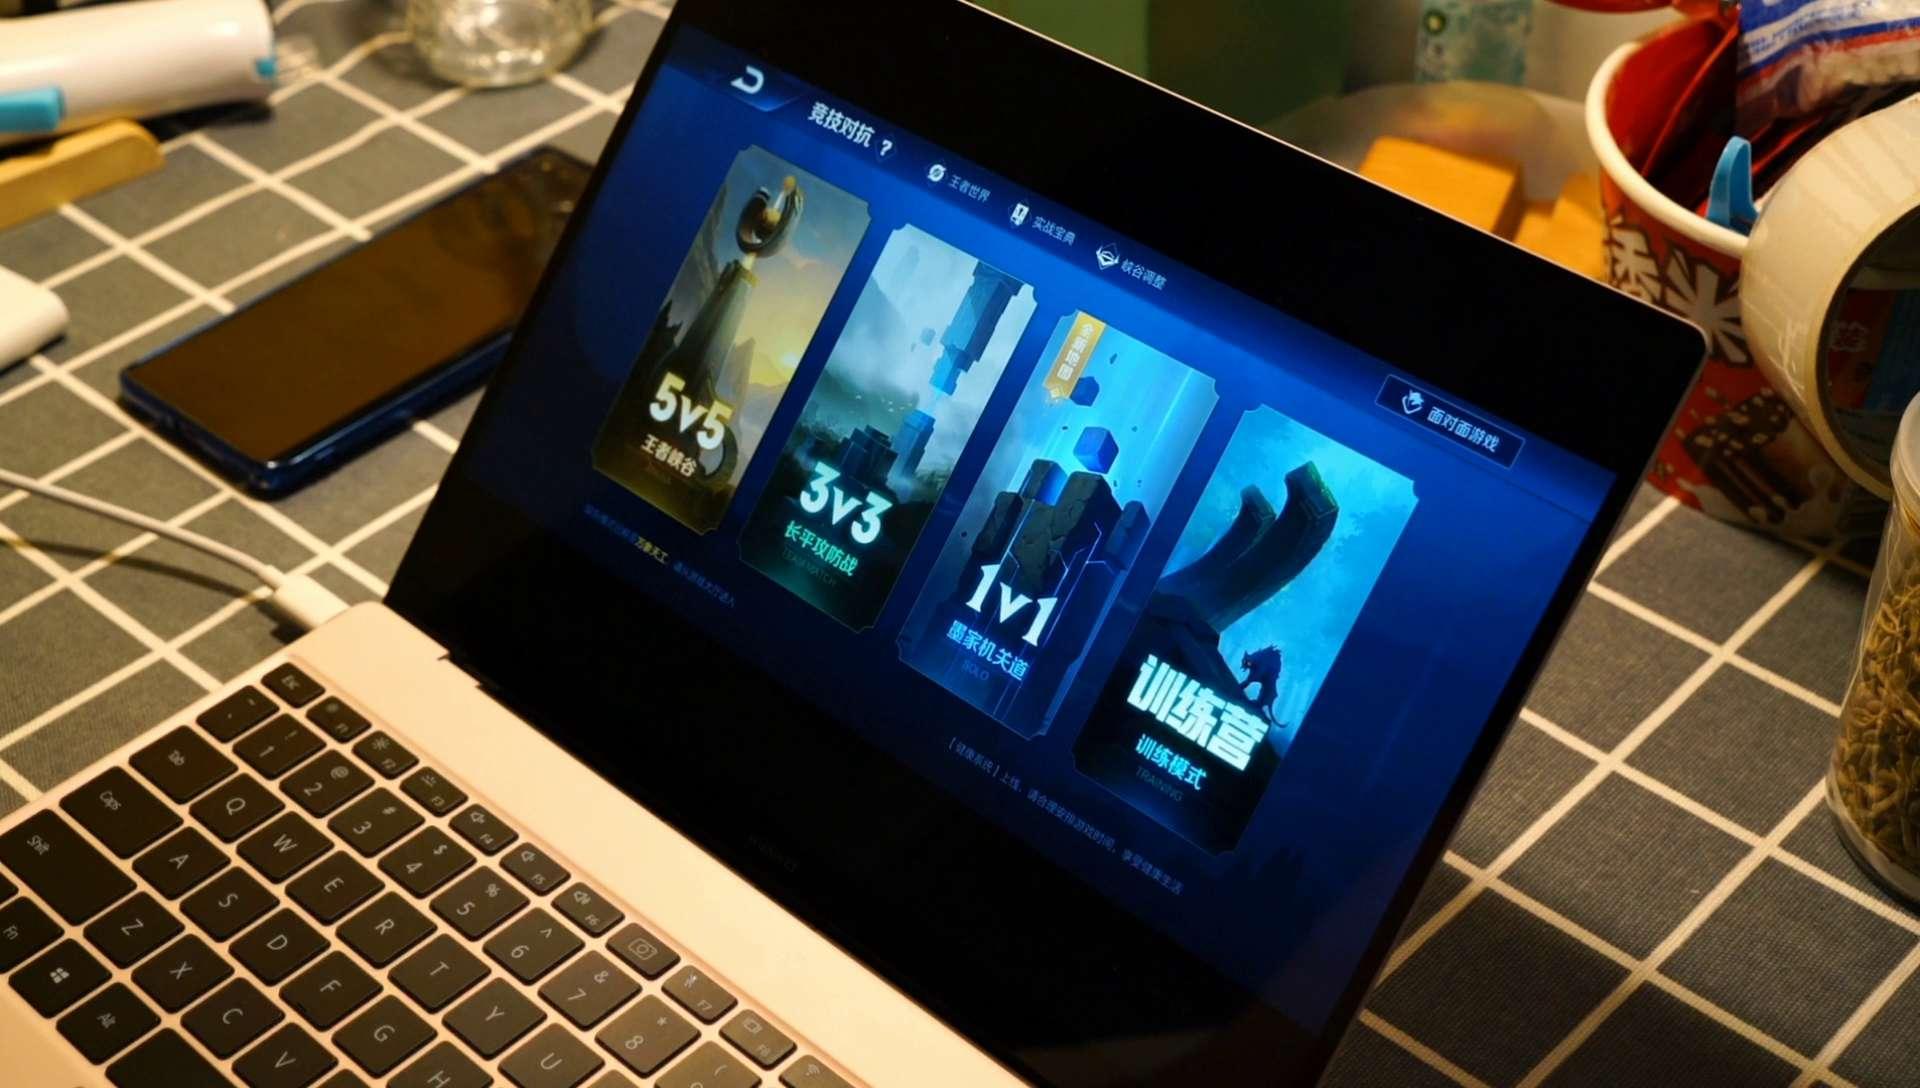 【创意】用华为MateBook X多屏协同打游戏是什么感受?,MateBook X-花粉俱乐部